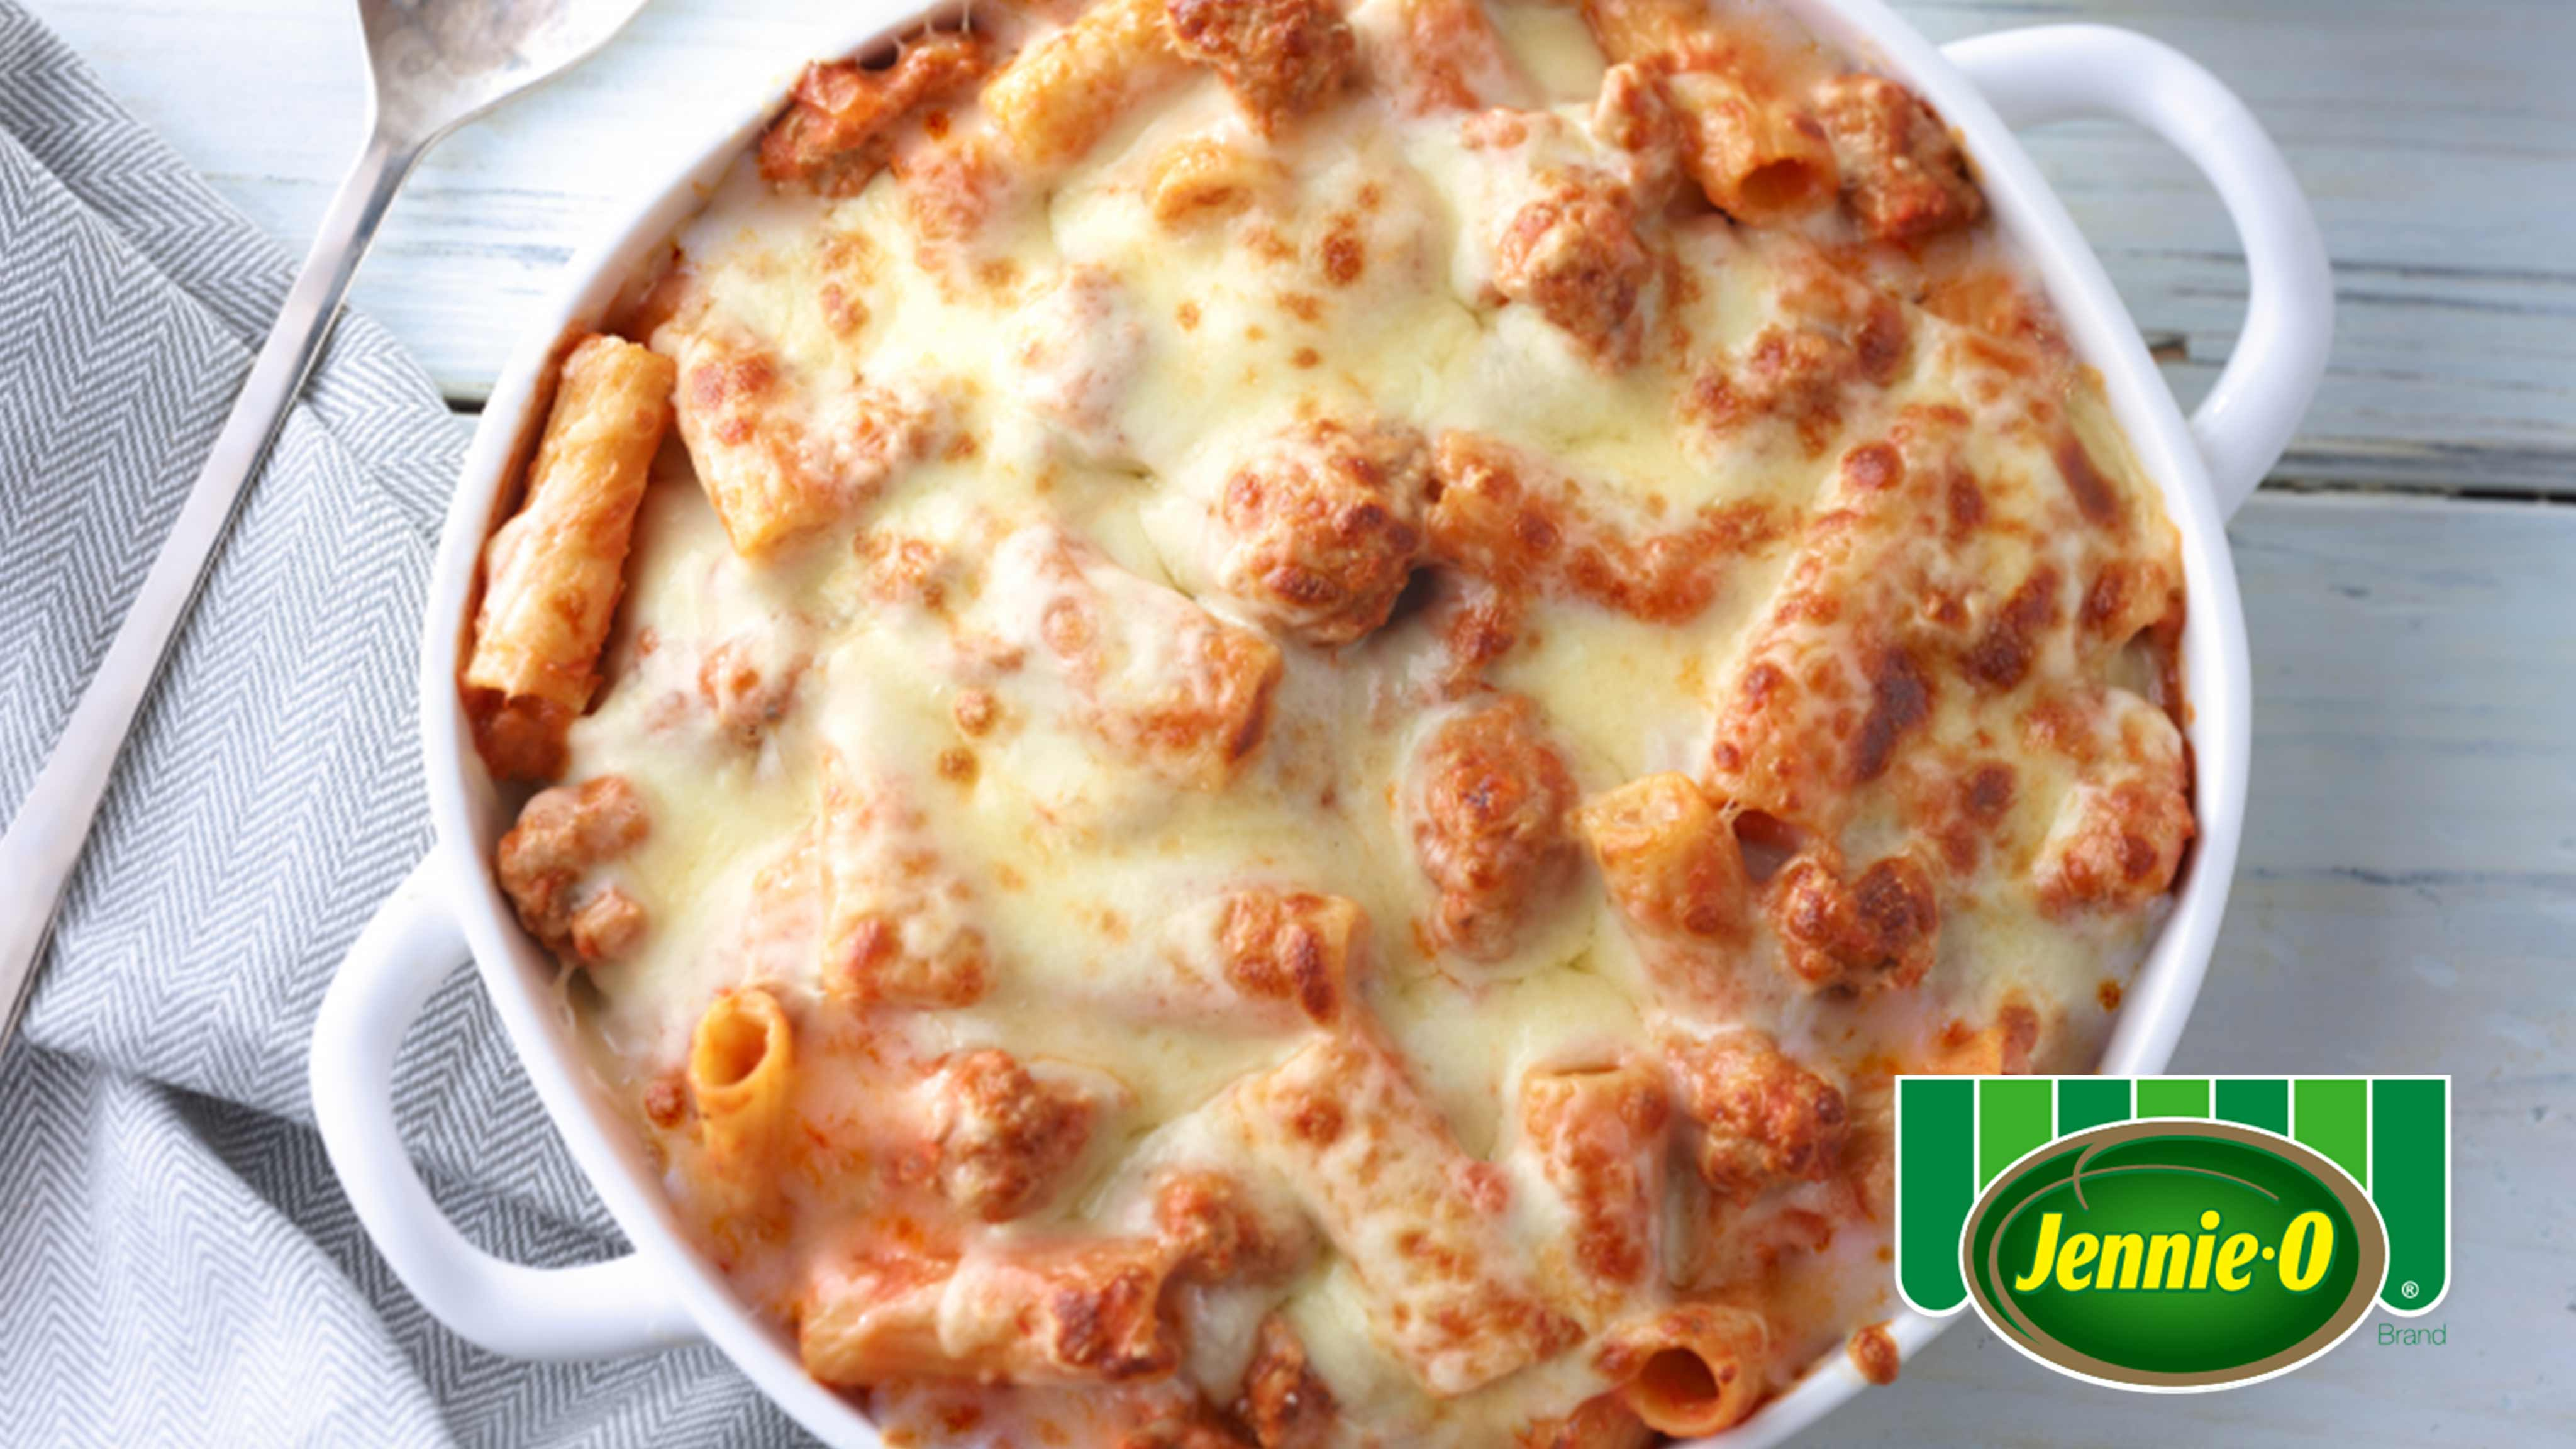 Image for Recipe Baked Turkey Rigatoni